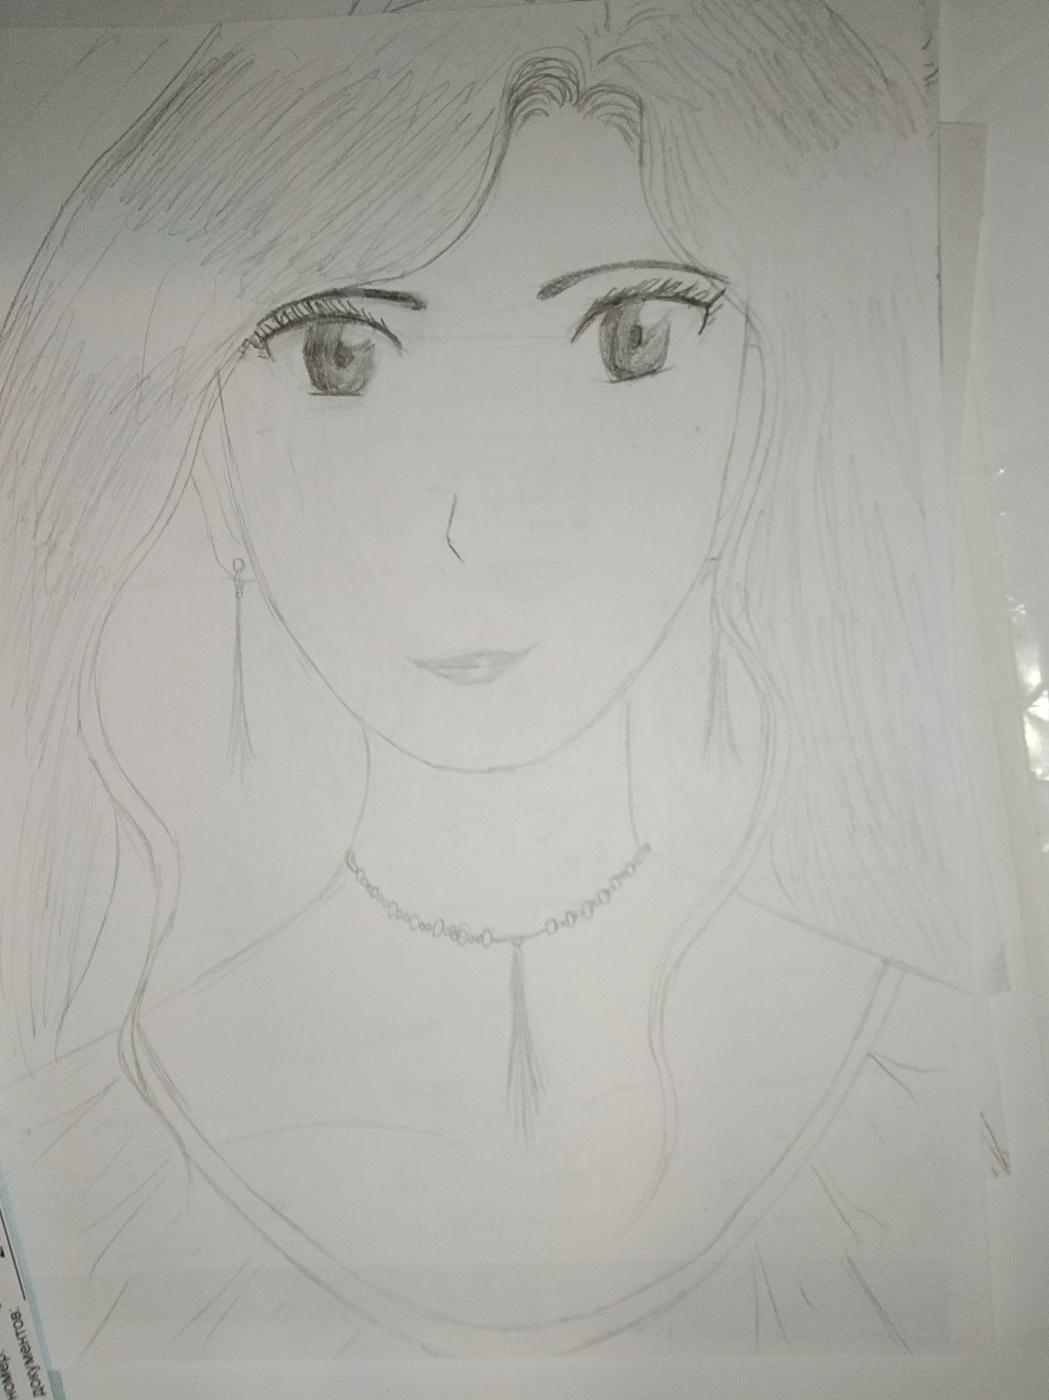 Zina Vladimirovna Parisva. Anime girl